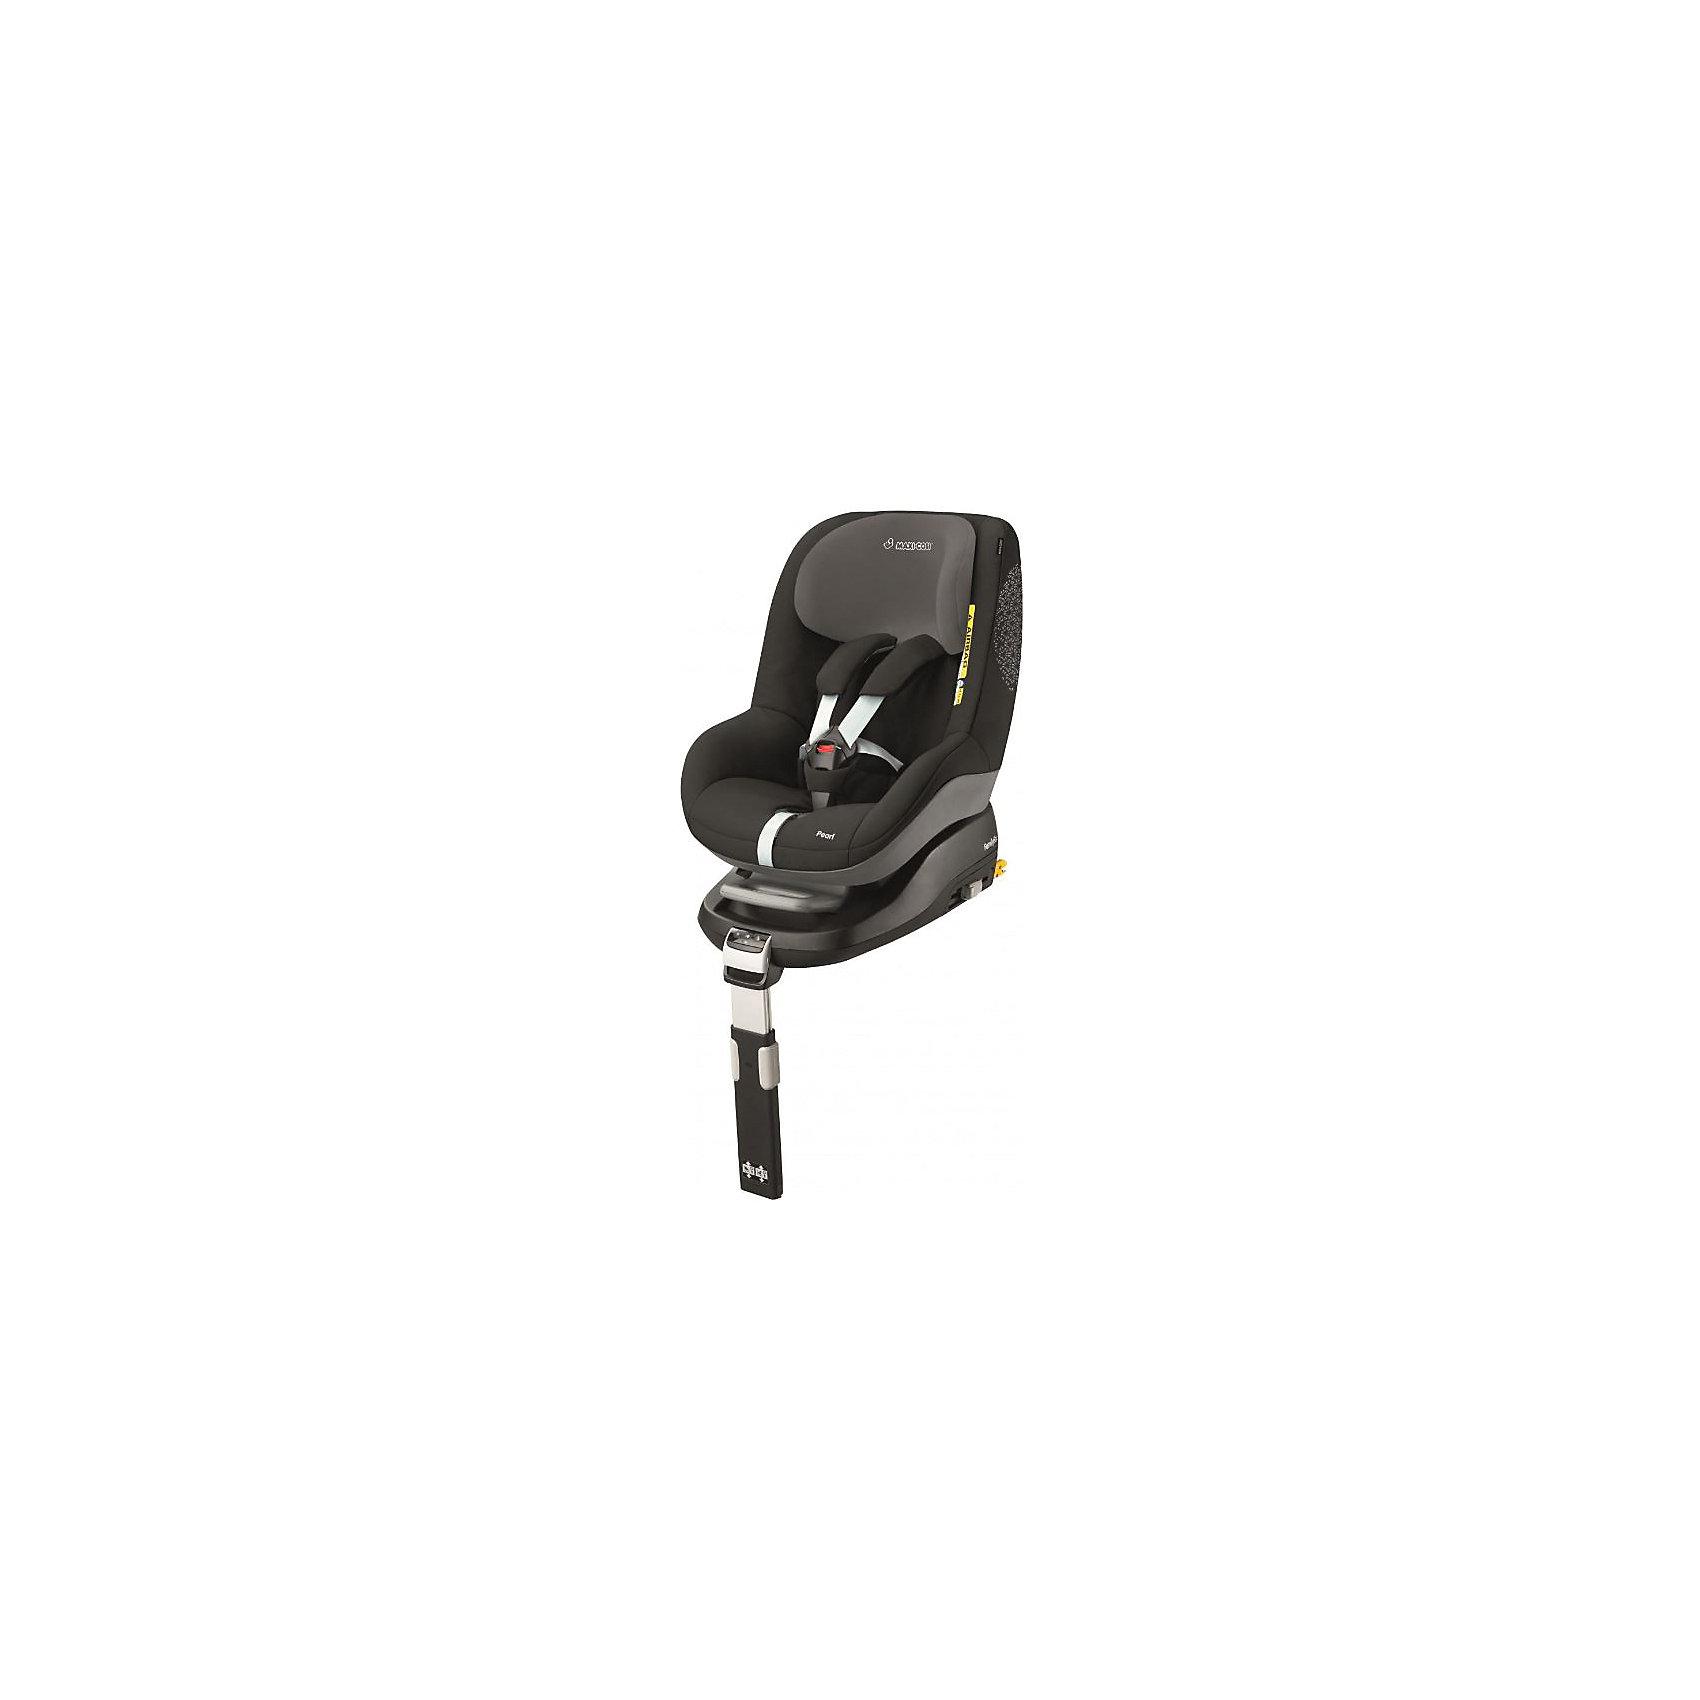 Автокресло Pearl 9-18 кг., Maxi-Cosi, Origami blackВысокотехнологичное надежное автокресло позволит перевозить ребенка, не беспокоясь при этом о его безопасности. Оно предназначено для предназначено для детей весом от 9 до 18 килограмм. Такое кресло обеспечит малышу не только безопасность, но и удобство (регулируемый угол наклона и длина внутренних ремней). Ребенок надежно фиксируется в кресле и ездит с комфортом.<br>Автокресло устанавливают по ходу движения. Такое кресло дает возможность свободно путешествовать, ездить в гости и при этом  быть рядом с малышом. Конструкция - очень удобная и прочная. Изделие произведено из качественных и безопасных для малышей материалов, оно соответствуют всем современным требованиям безопасности. Оно отлично показало себя на краш-тестах.<br> <br>Дополнительная информация:<br><br>цвет: черный;<br>материал: текстиль, пластик;<br>вес ребенка:  от 9 до 18 кг;<br>вес кресла: 6 кг;<br>внутренние ремни - пятиточечные, с мягкими накладками;<br>регулировка высоты внутренних ремней;<br>регулировка наклона спинки;<br>регулировка высоты подголовника;<br>установка по ходу движения;<br>дополнительная защита от боковых ударов;<br>анатомическая подушка;<br>съемный чехол.<br><br>Автокресло Pearl 9-18 кг. Origami black от компании Maxi-Cosi можно купить в нашем магазине.<br><br>Ширина мм: 475<br>Глубина мм: 595<br>Высота мм: 610<br>Вес г: 5650<br>Возраст от месяцев: 9<br>Возраст до месяцев: 48<br>Пол: Унисекс<br>Возраст: Детский<br>SKU: 4709553